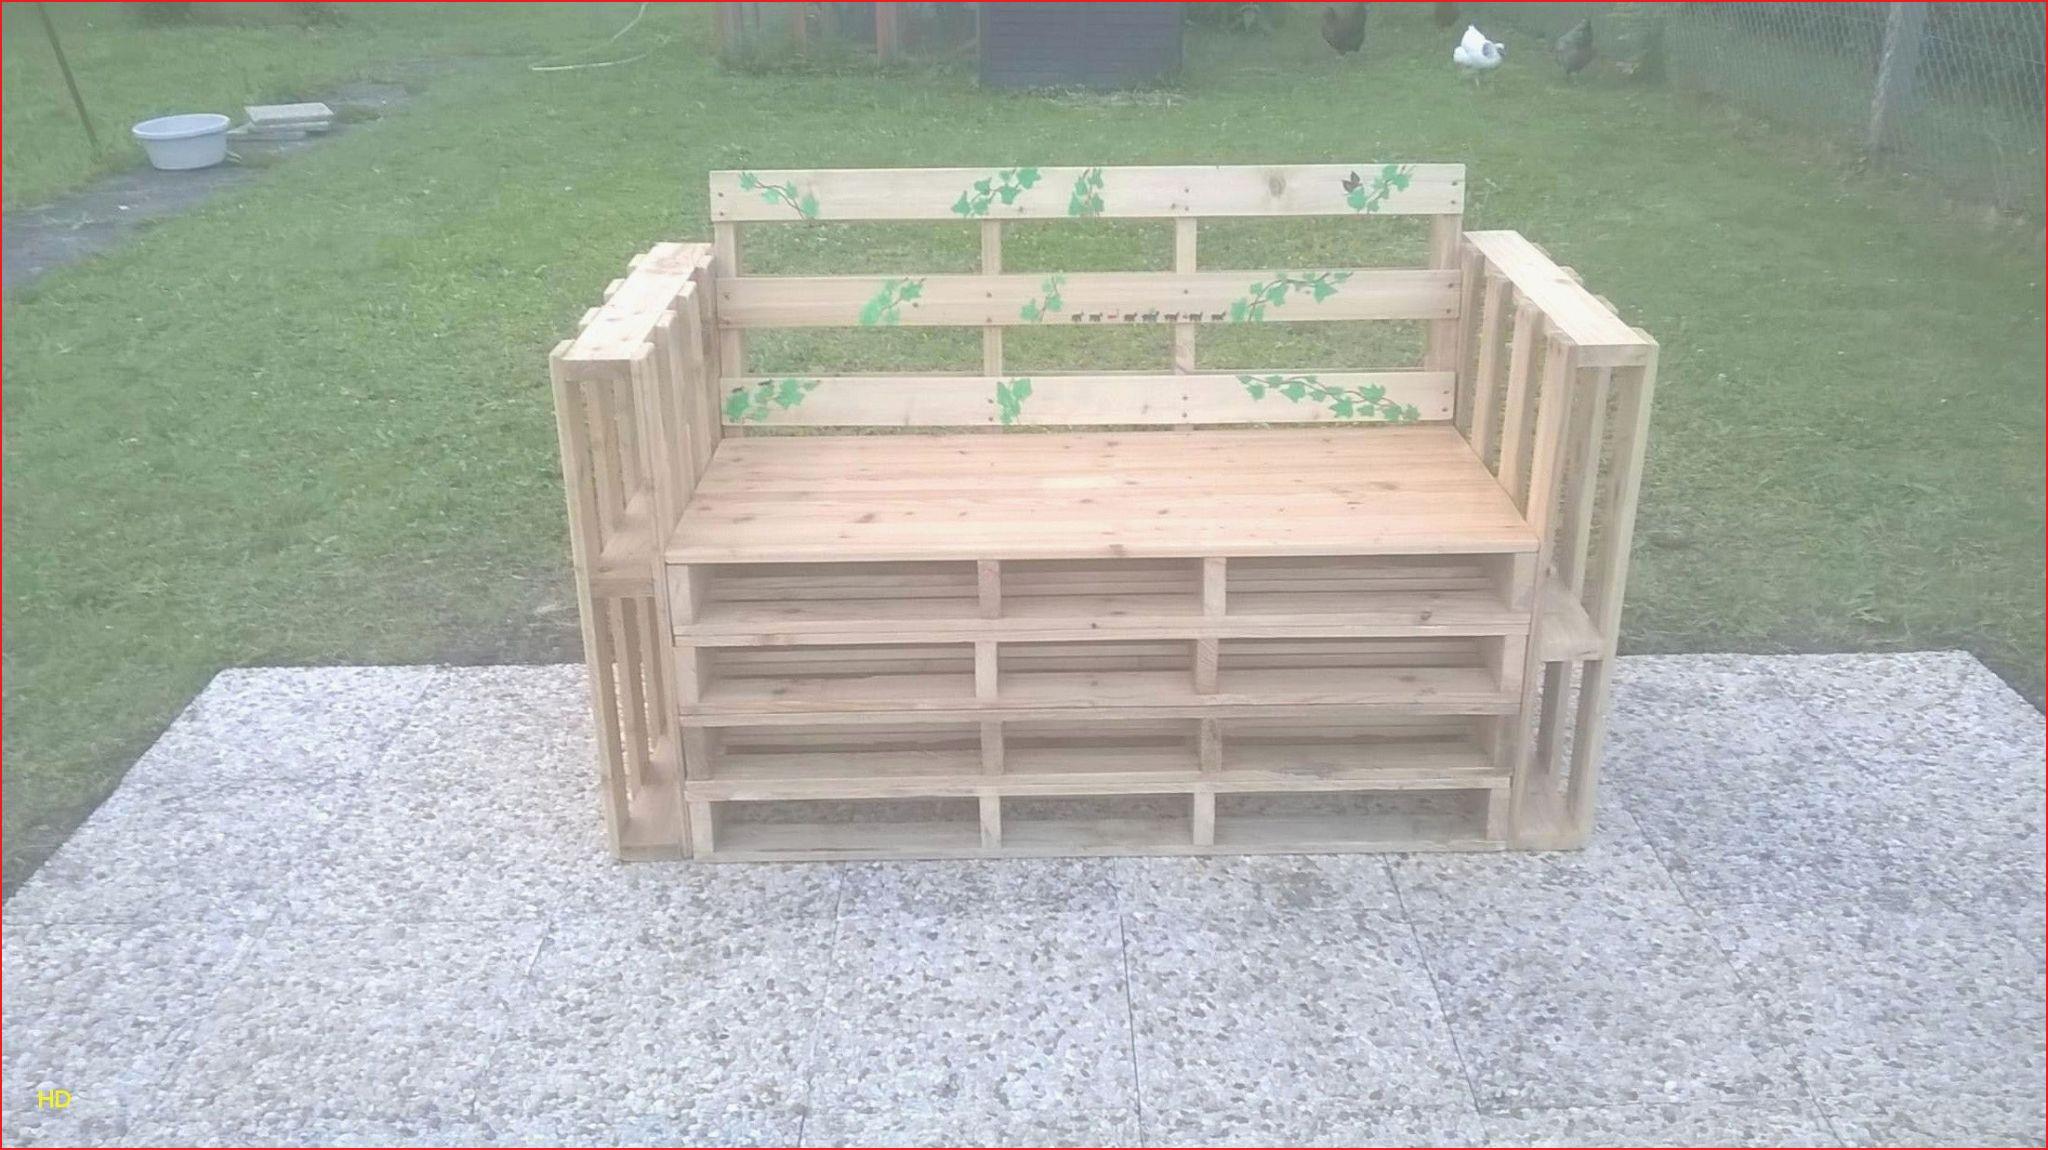 banc pour jardin le jardin des plantes avec banc de jardin coffre luxe banc de jardin of banc pour jardin